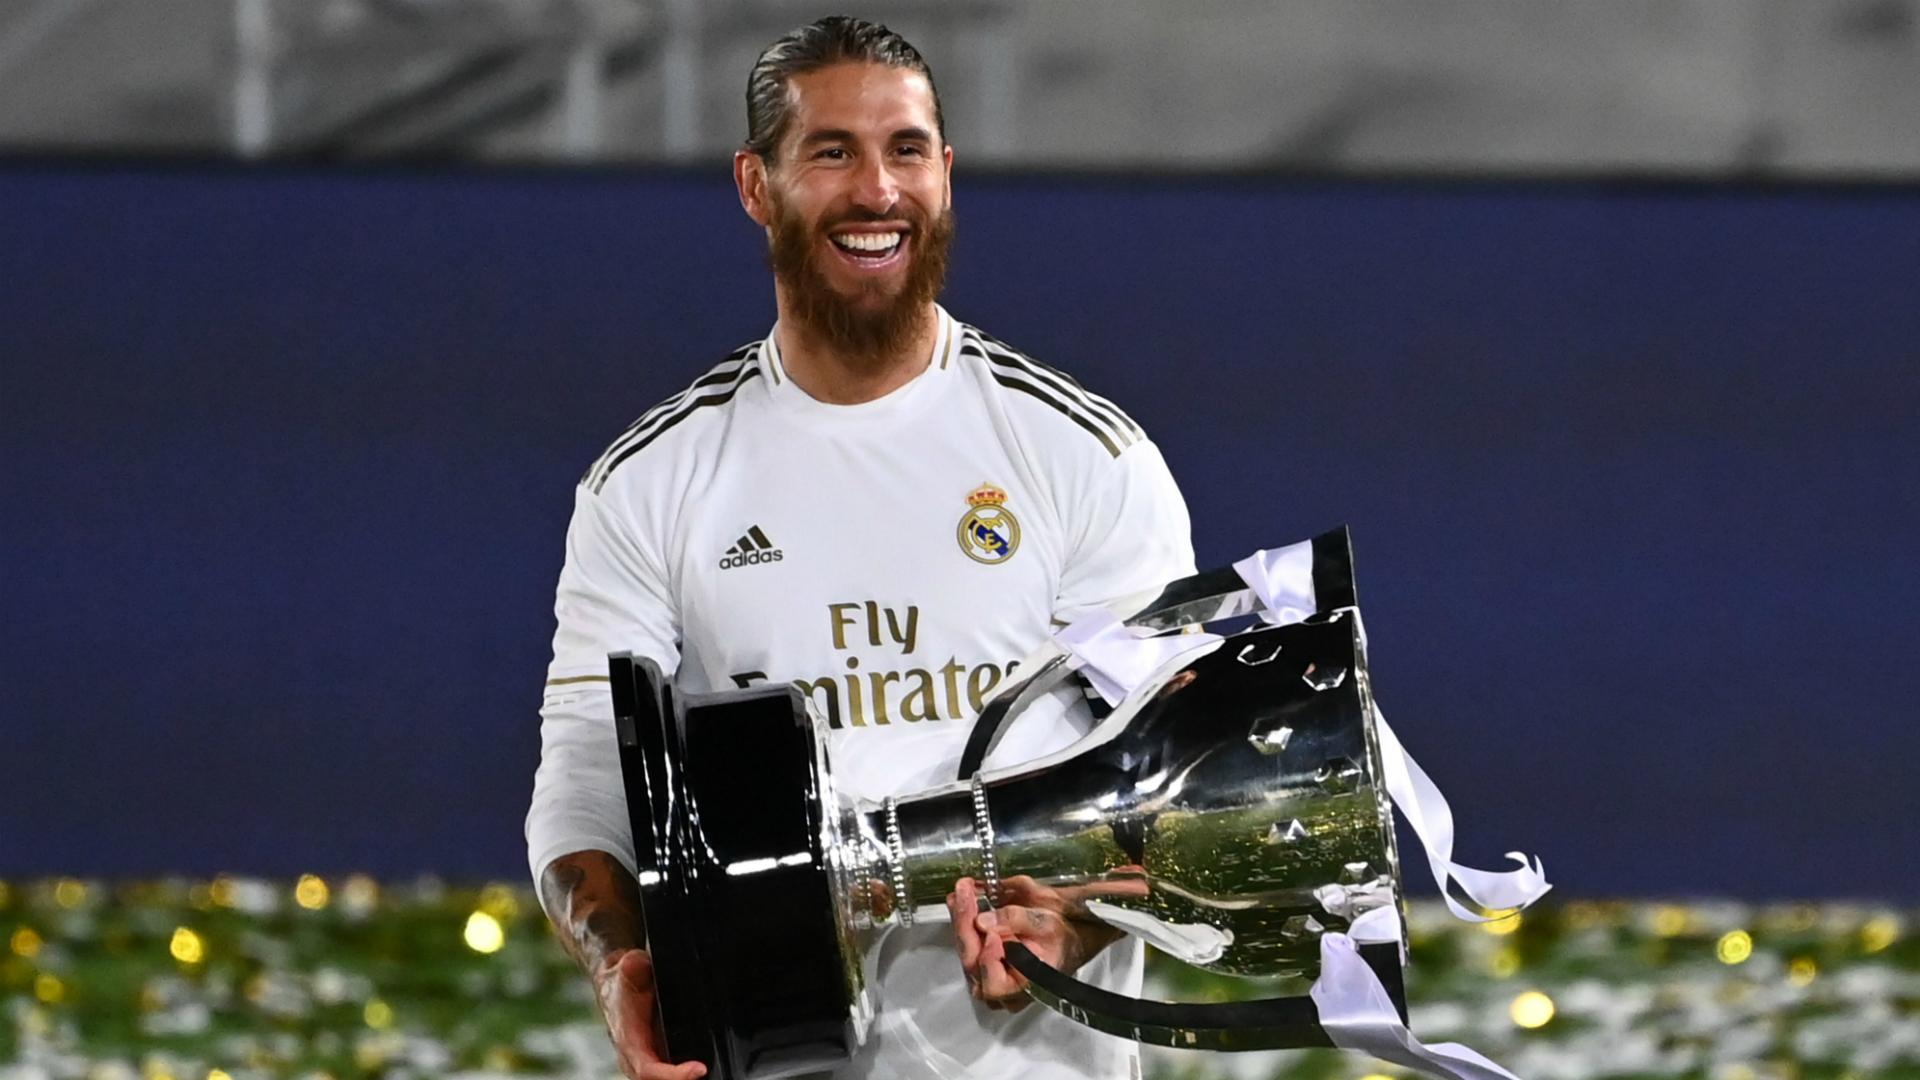 Ramos can play until he's 40, says ex-Real Madrid team-mate Van der Vaart